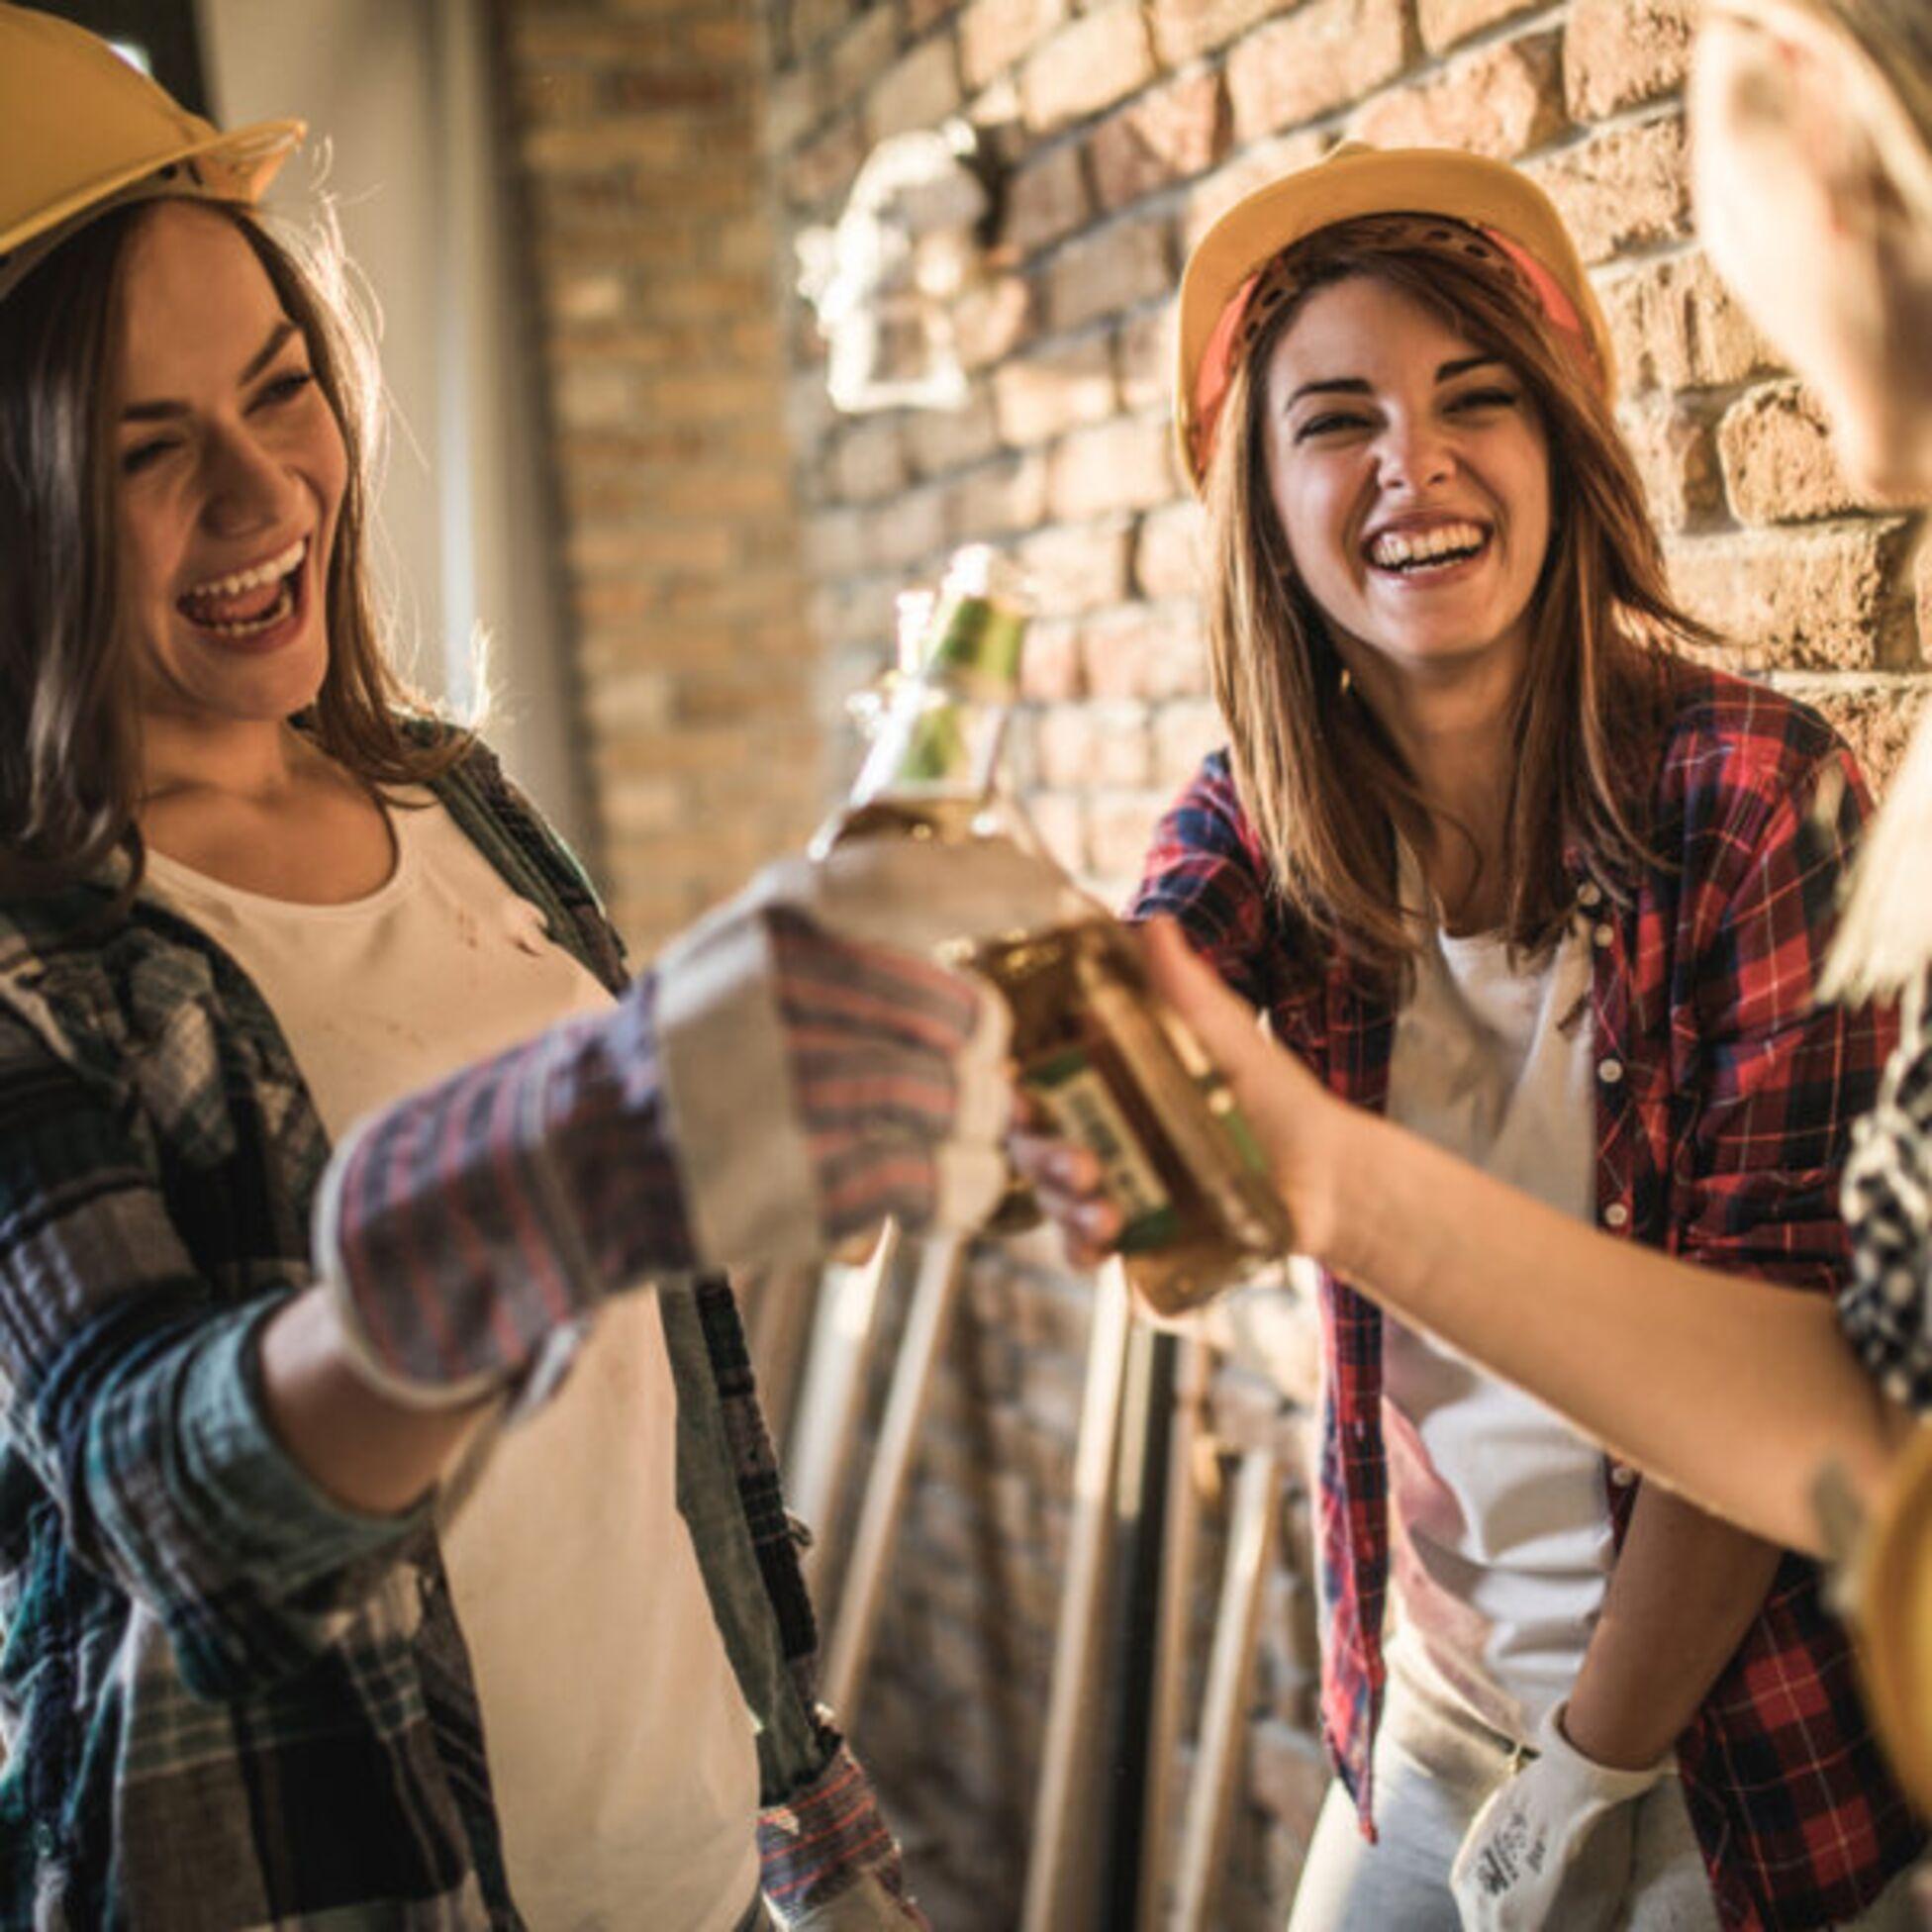 Junge Frauen feiern Richtfest auf Baustelle